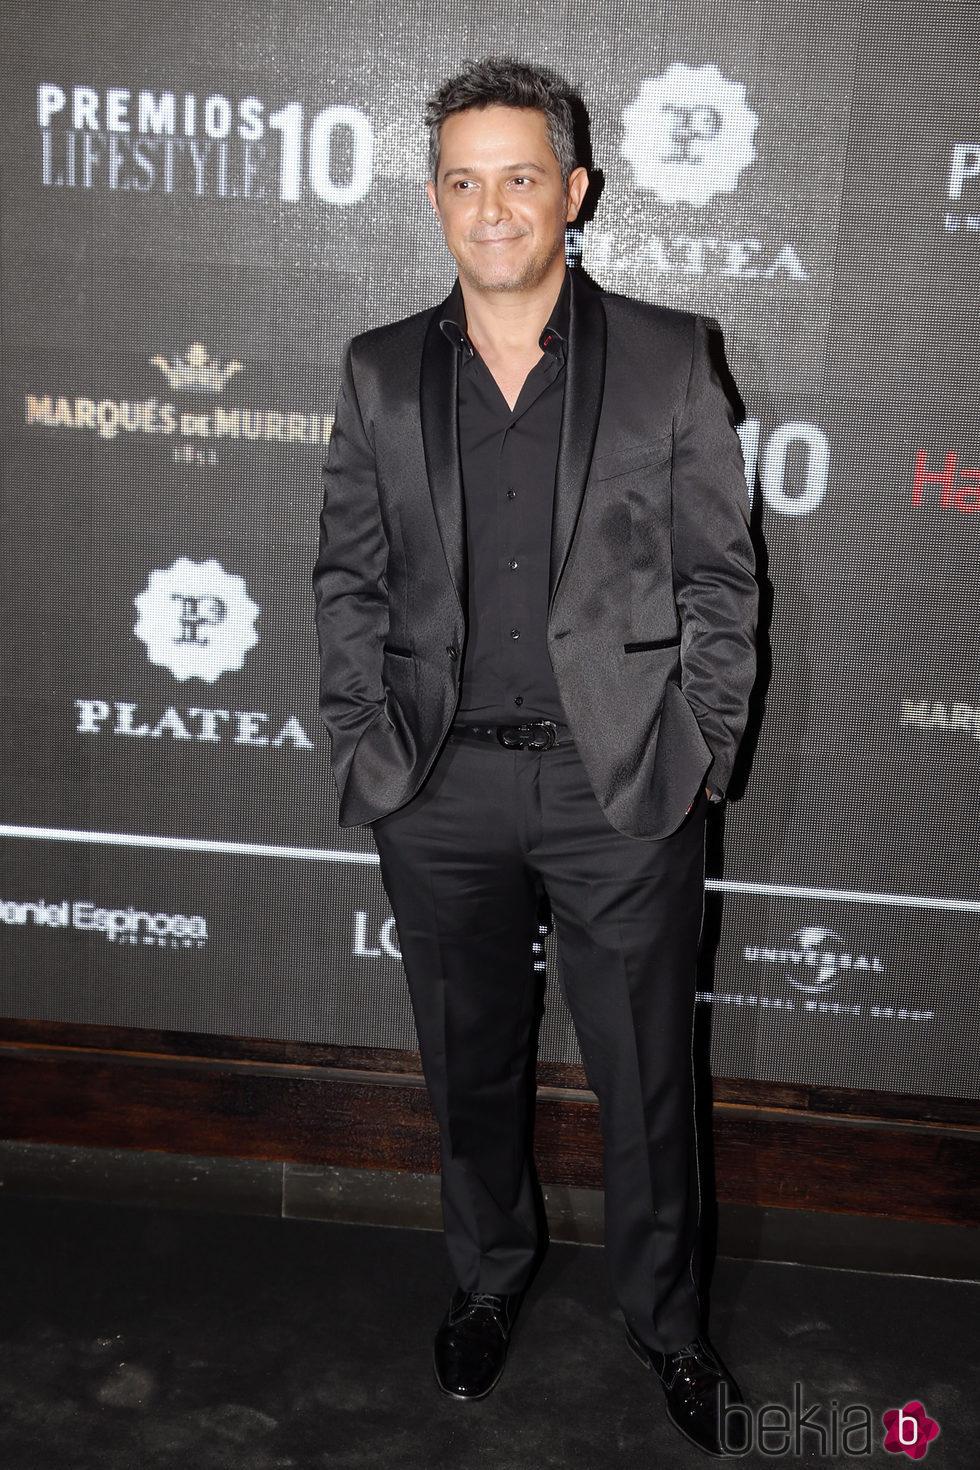 Alejandro Sanz en la entrega de los Premios Lifestyle